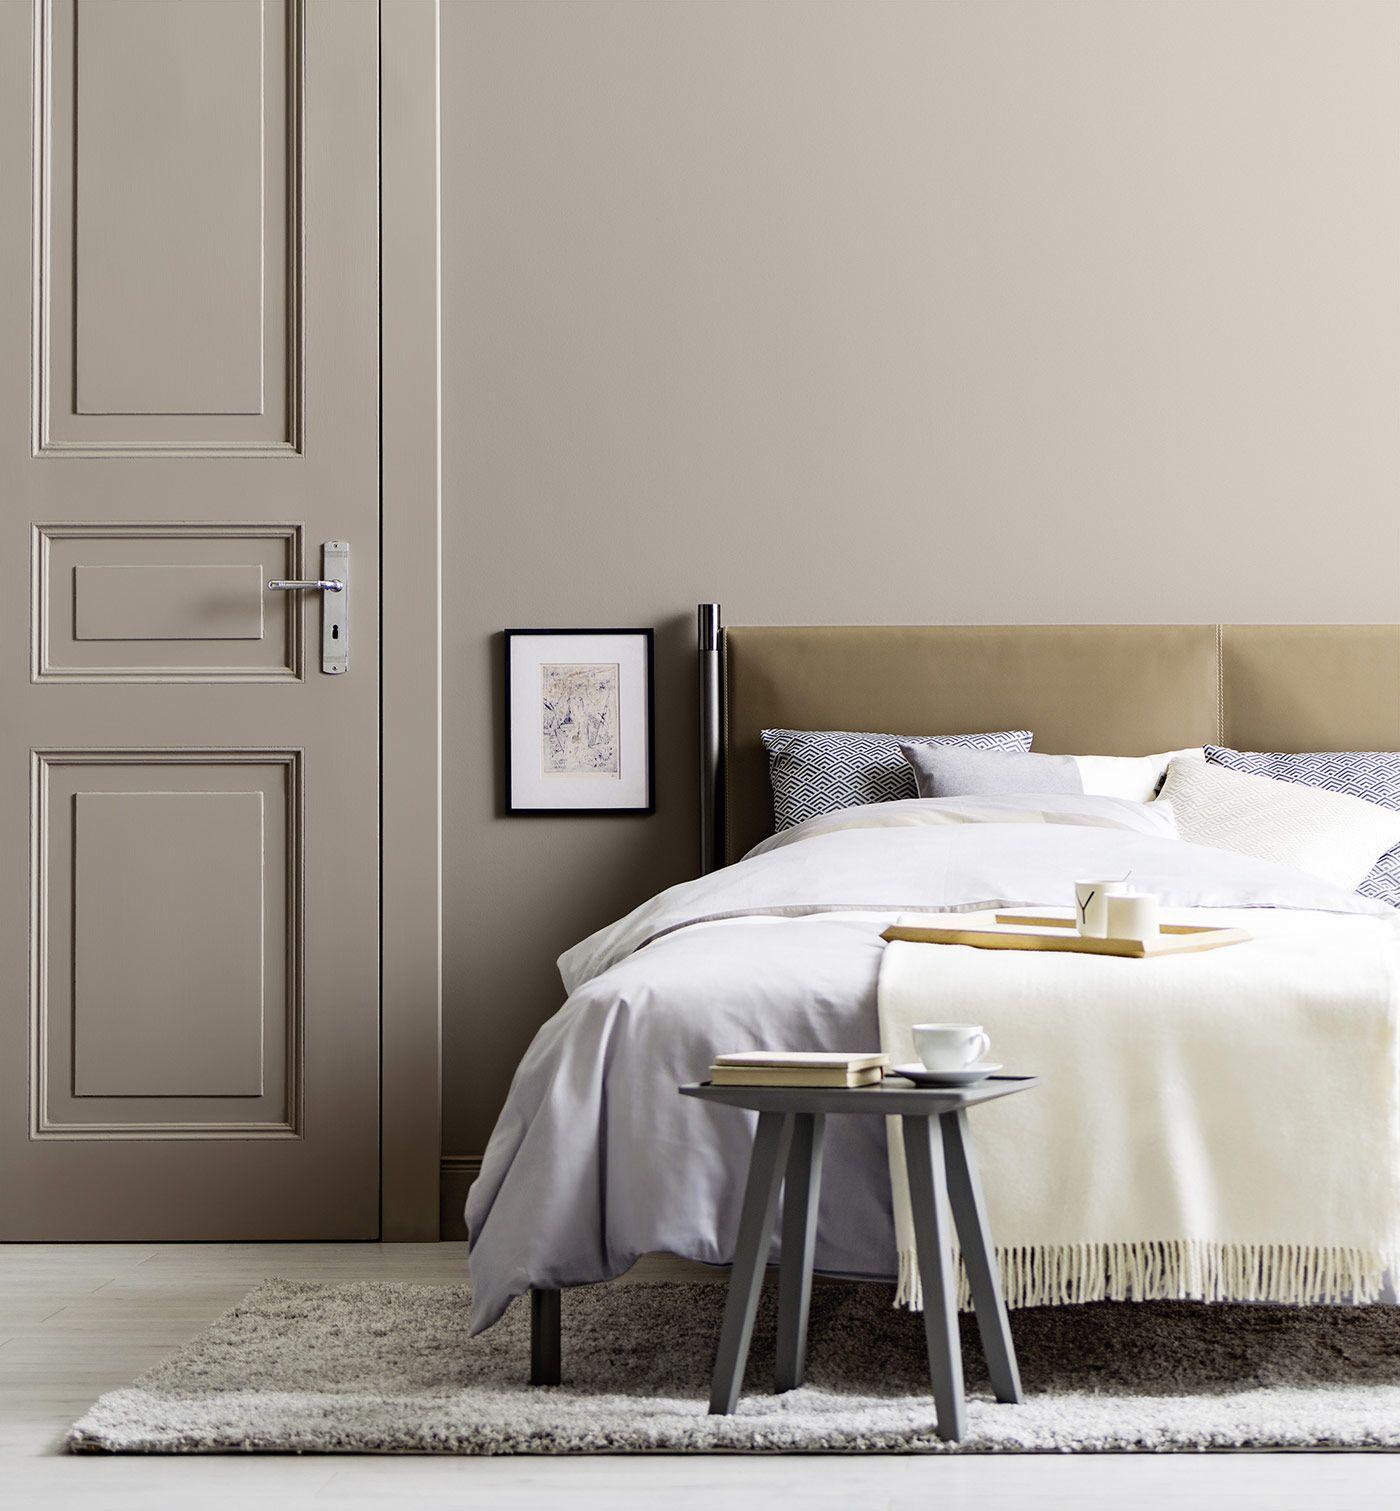 schner wohnen farbe grntne top grau mittelgrau alpina feine farben nebel im november alpina. Black Bedroom Furniture Sets. Home Design Ideas